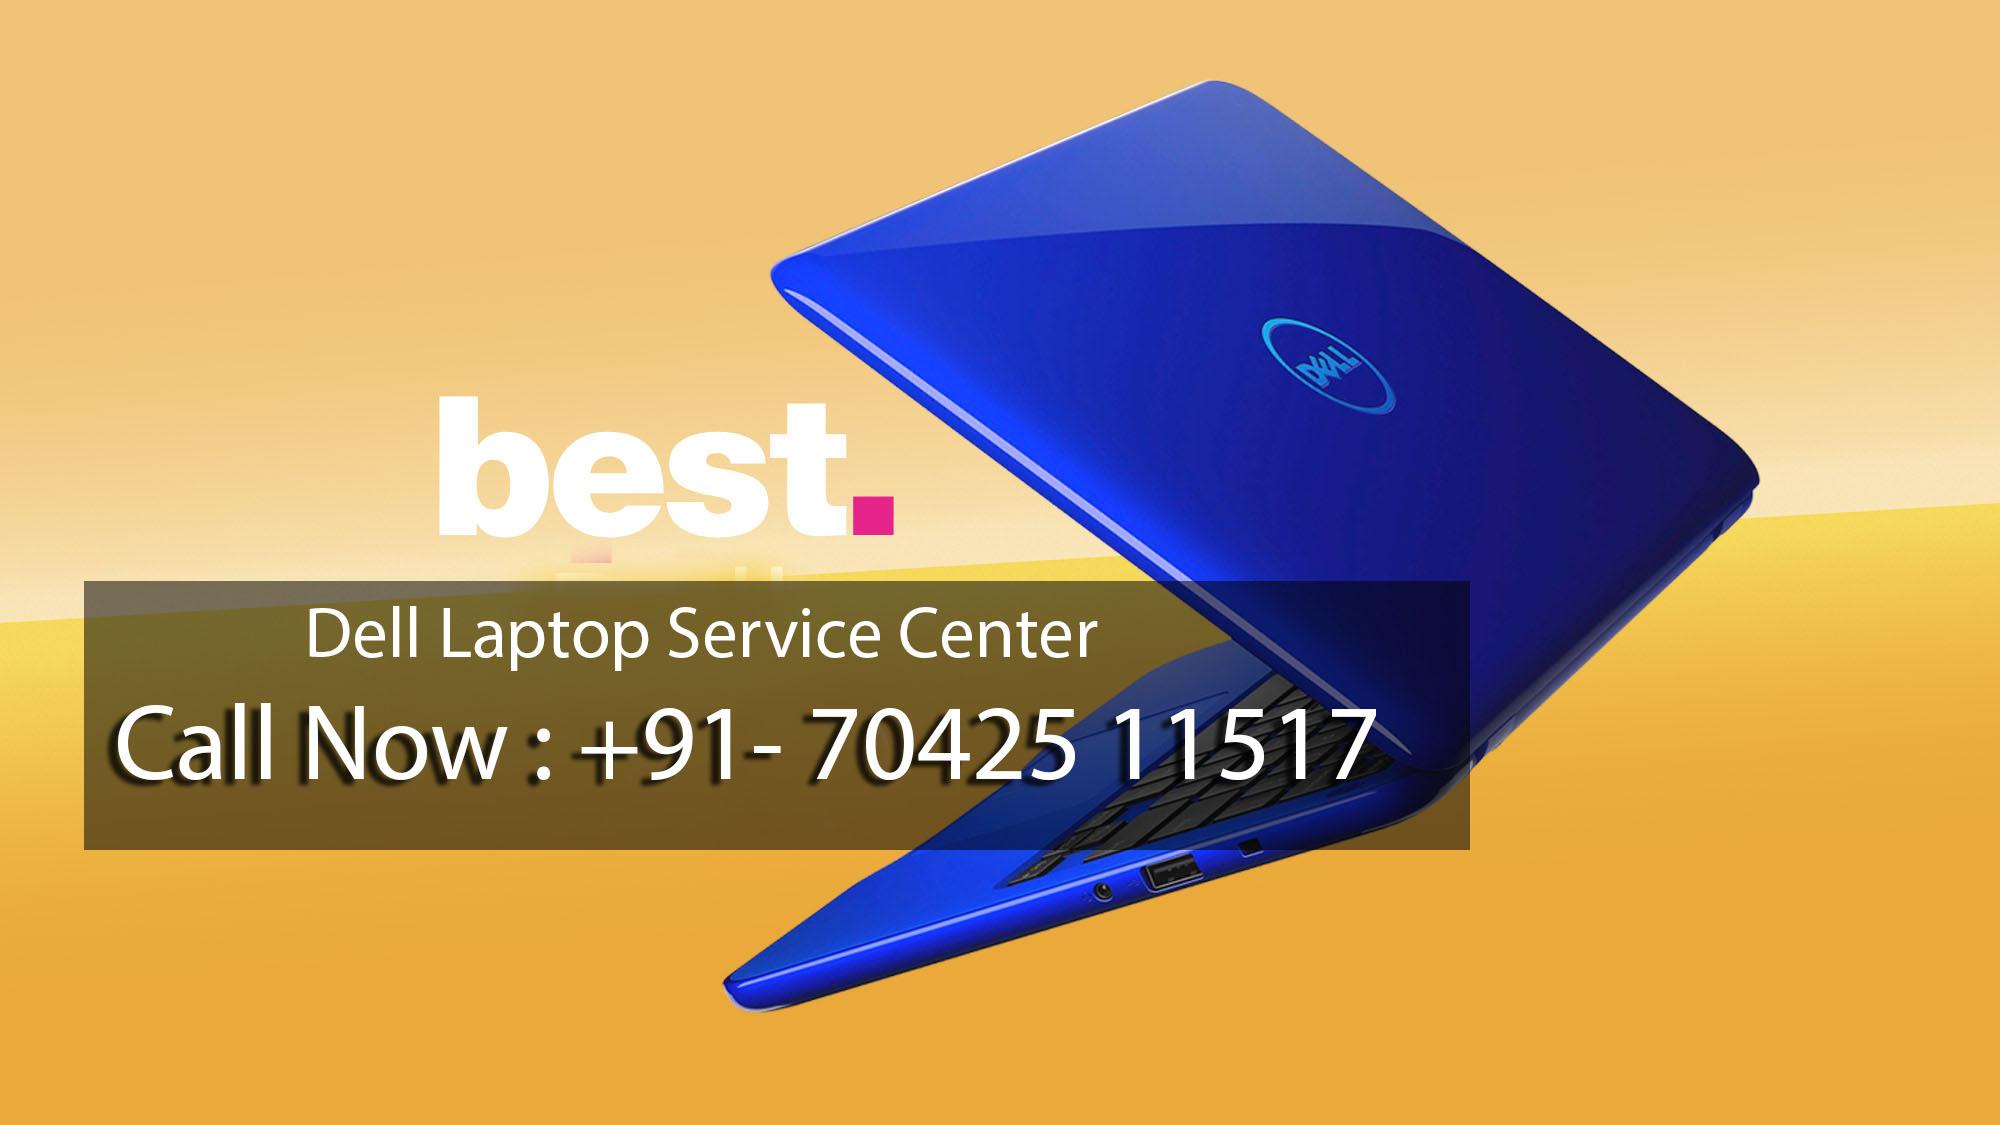 Dell Service Center in Mahim